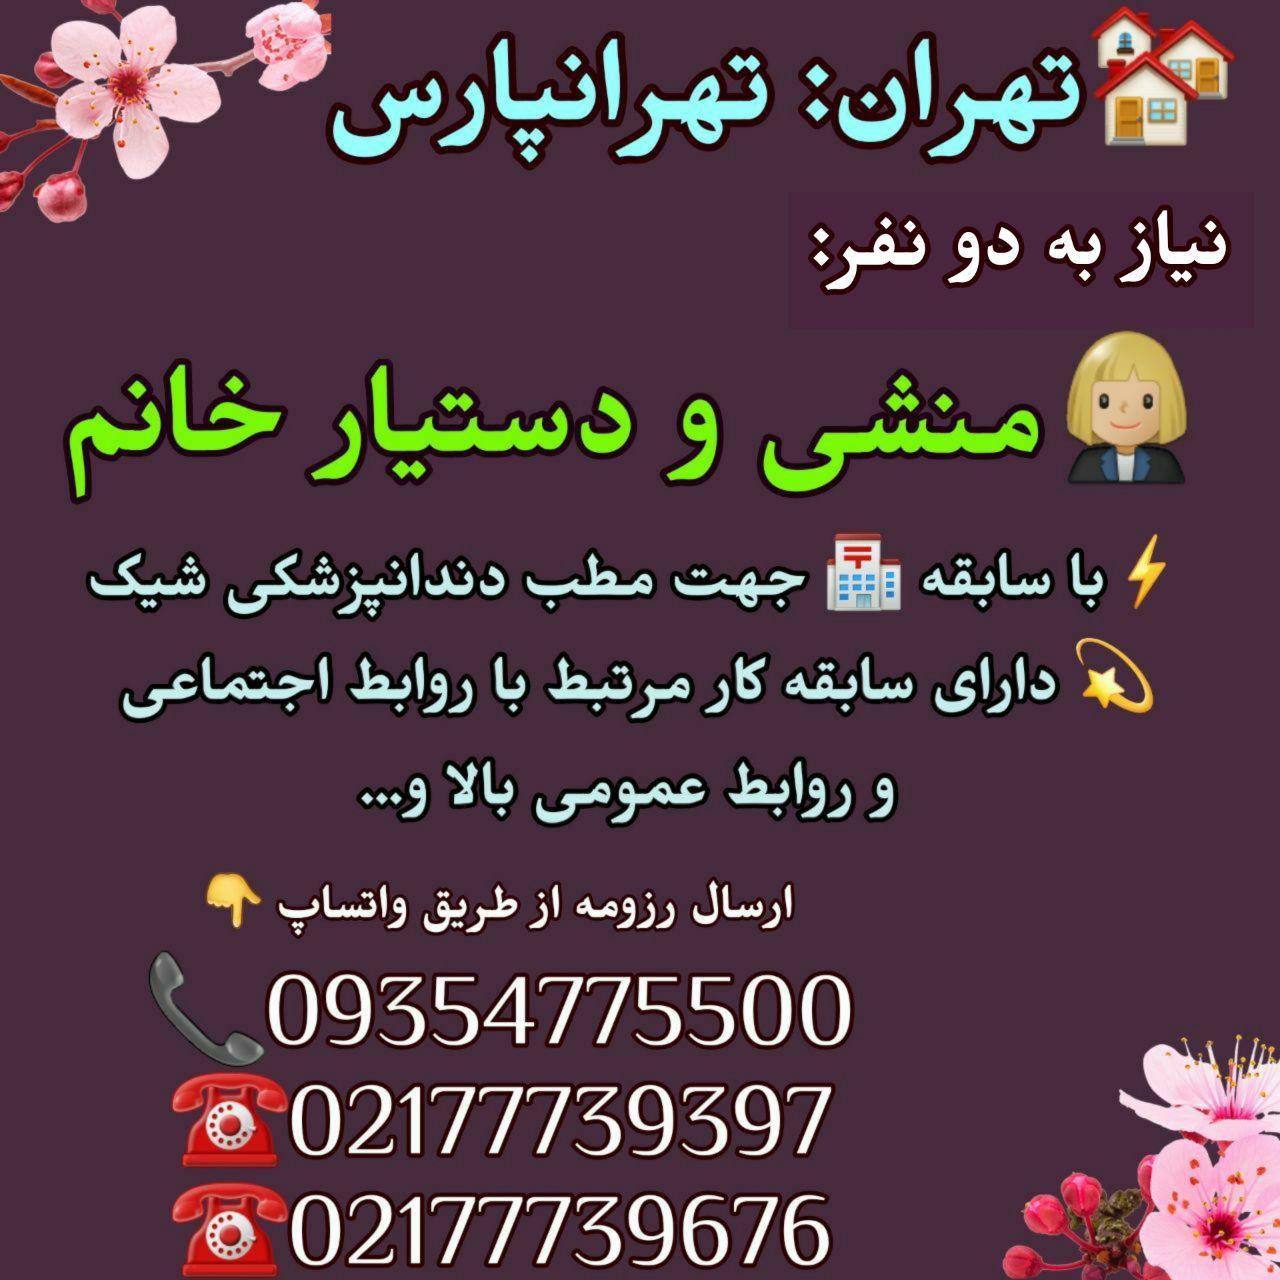 تهران: تهرانپارس